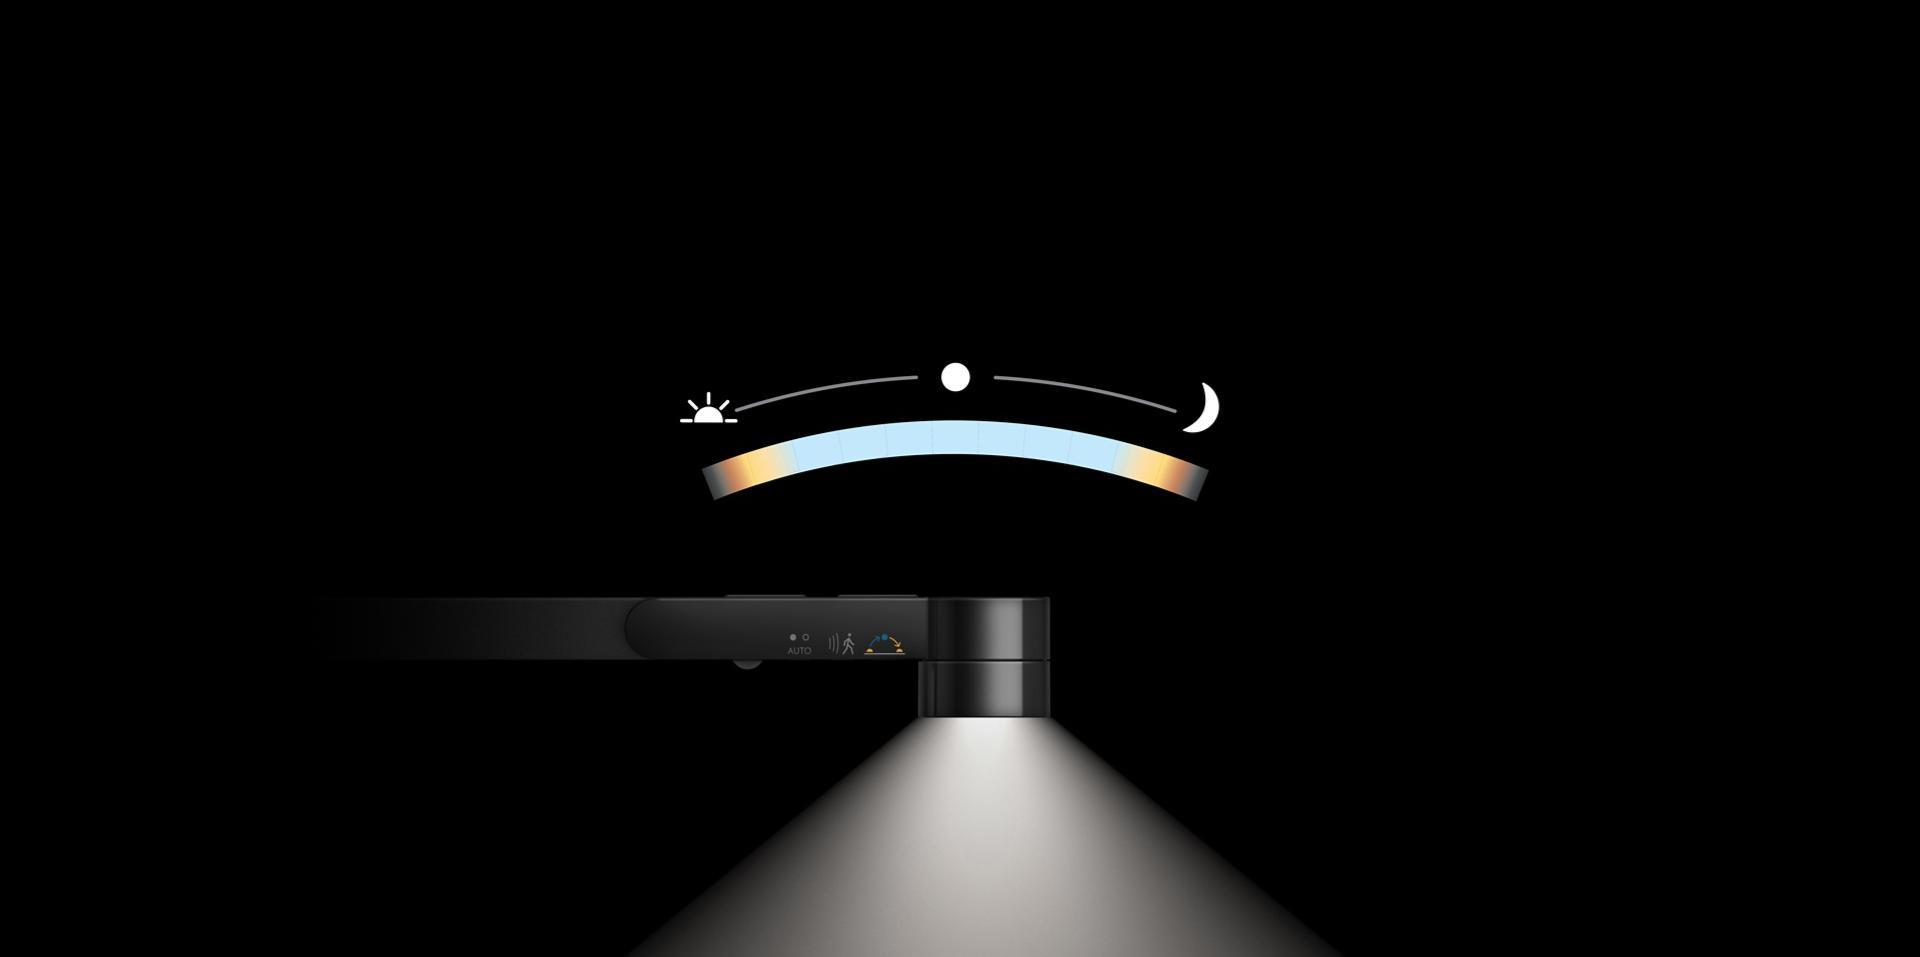 Herramienta interactiva muestra la lámpara de trabajo Dyson Lightcycle ajustándose a la luz solar